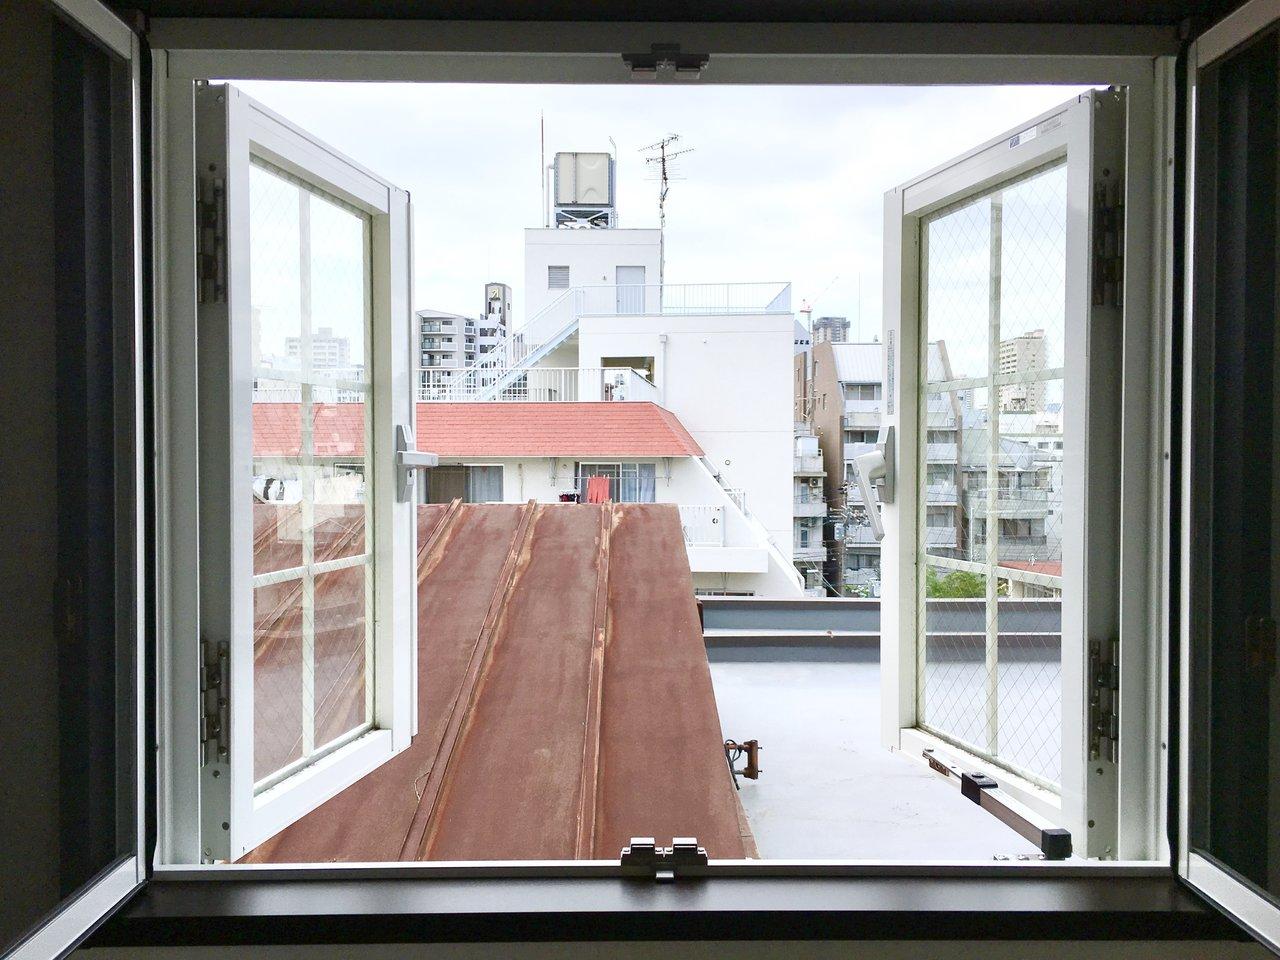 こちらのお部屋のご自慢スポット。それはこの両開きの小窓。まるでハイジの世界!朝はぐっと窓を押し開ければ、気持ちよく1日を始められそう!